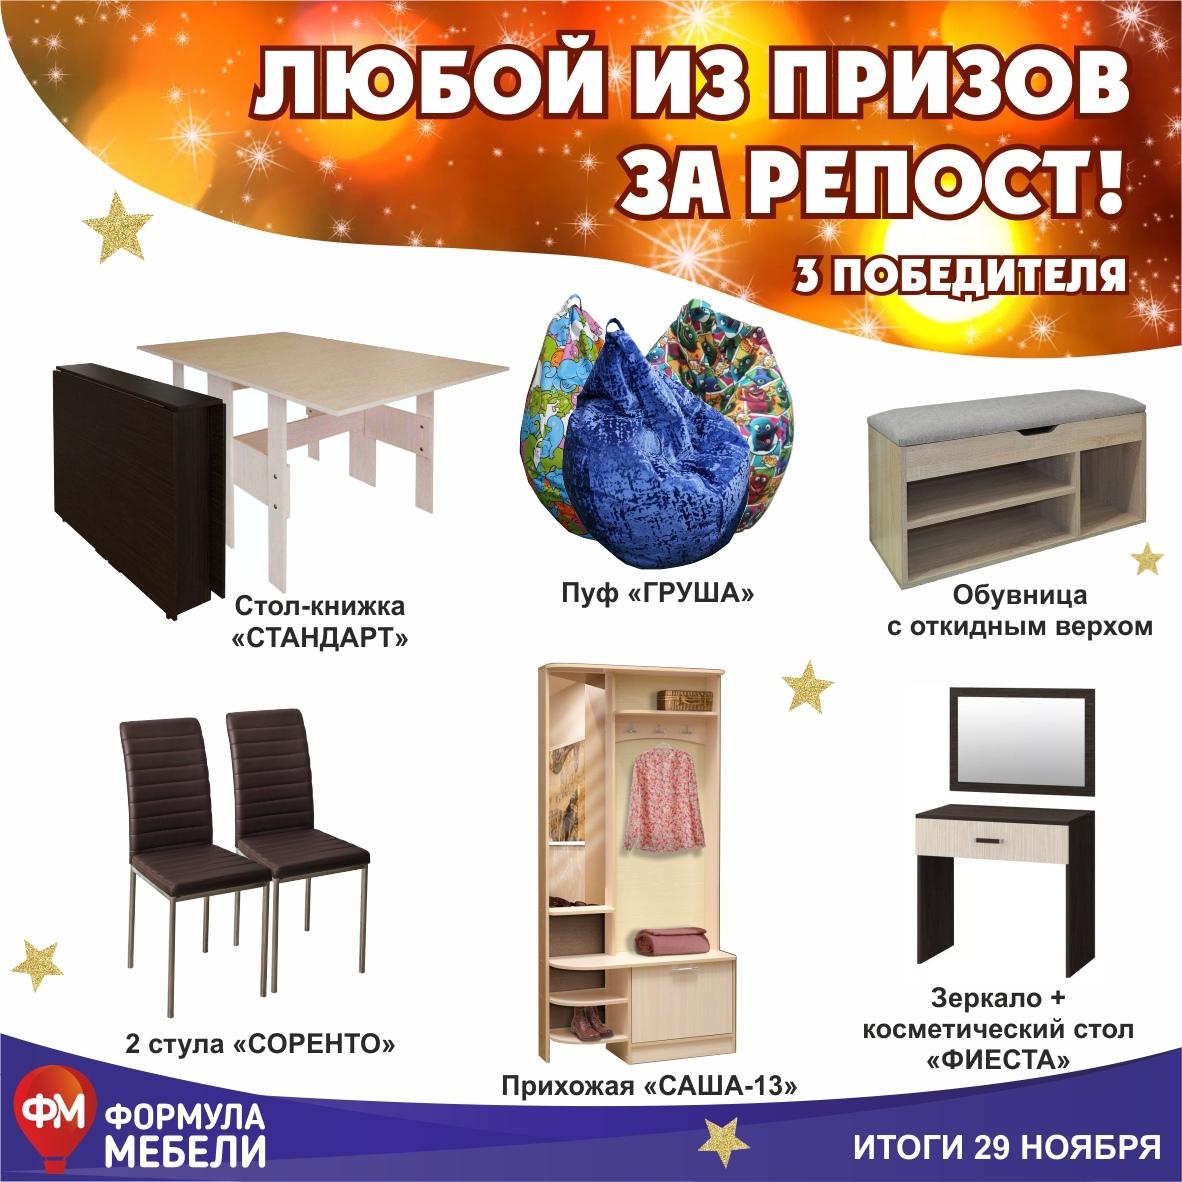 Розыгрыш подарков от «Формула Мебели»!